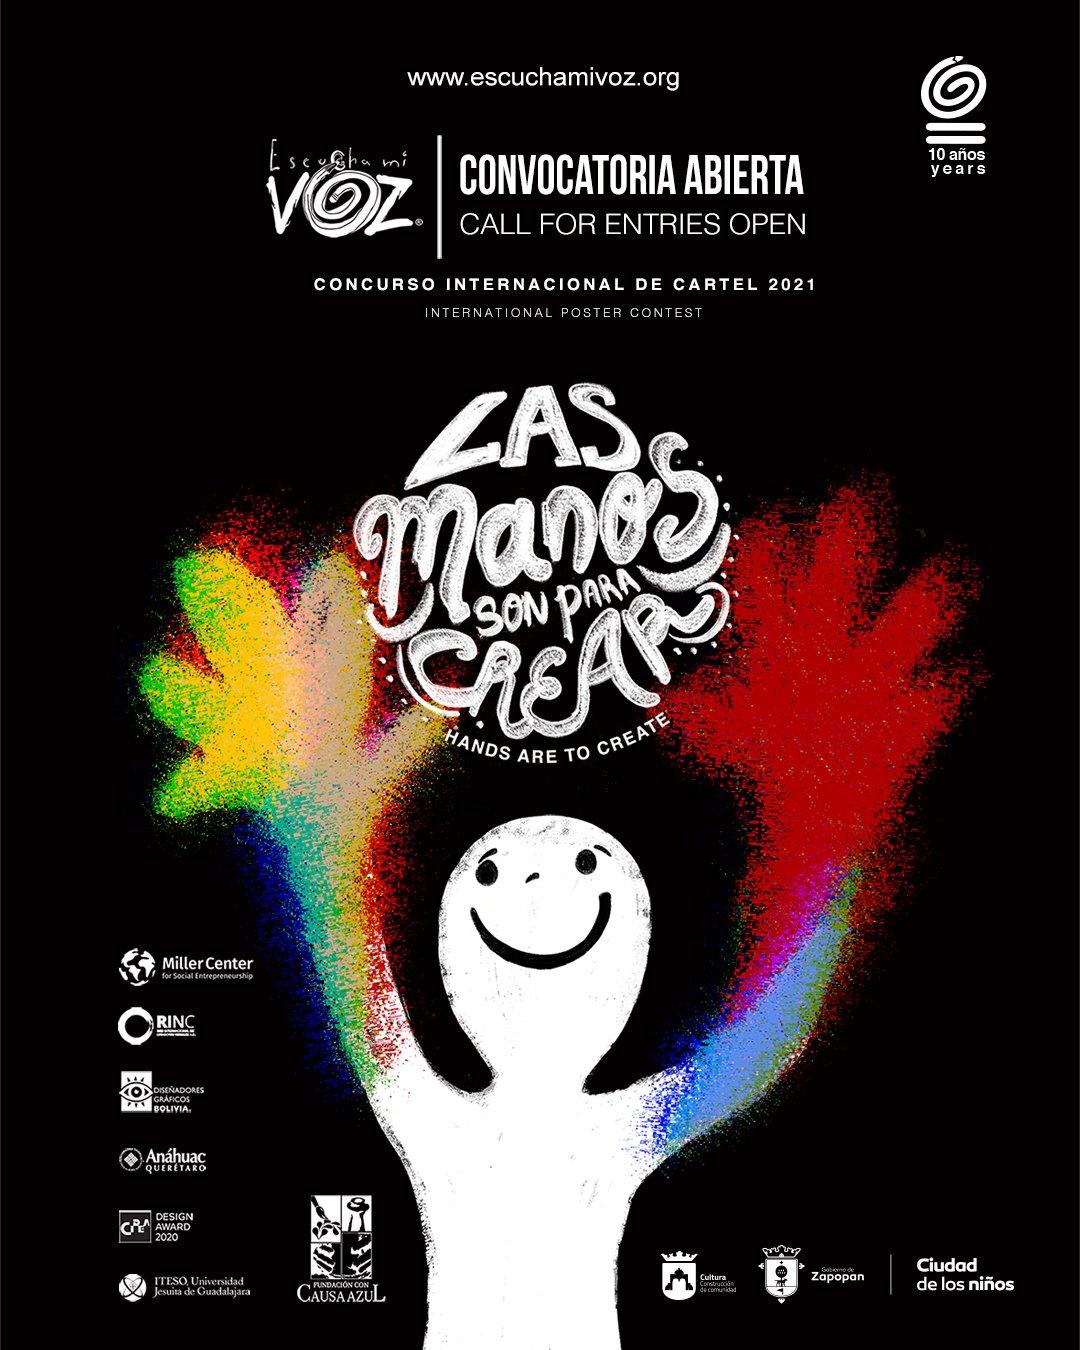 فراخوان رقابت پوستر Escucha Mi Voz 2021